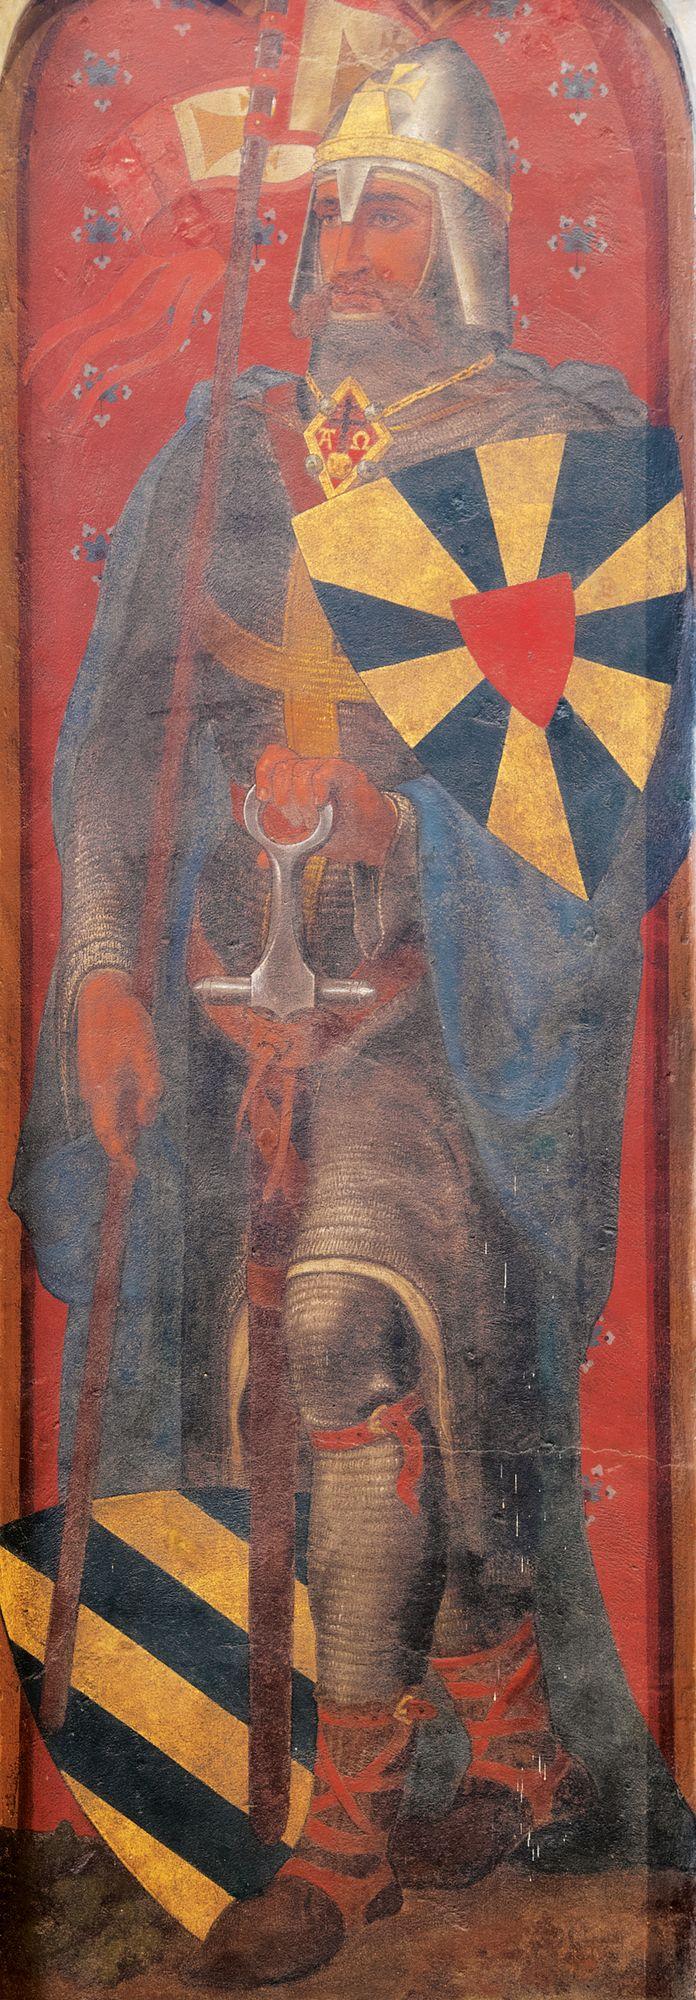 1093 - 1111 Robrecht II van Jeruzalem